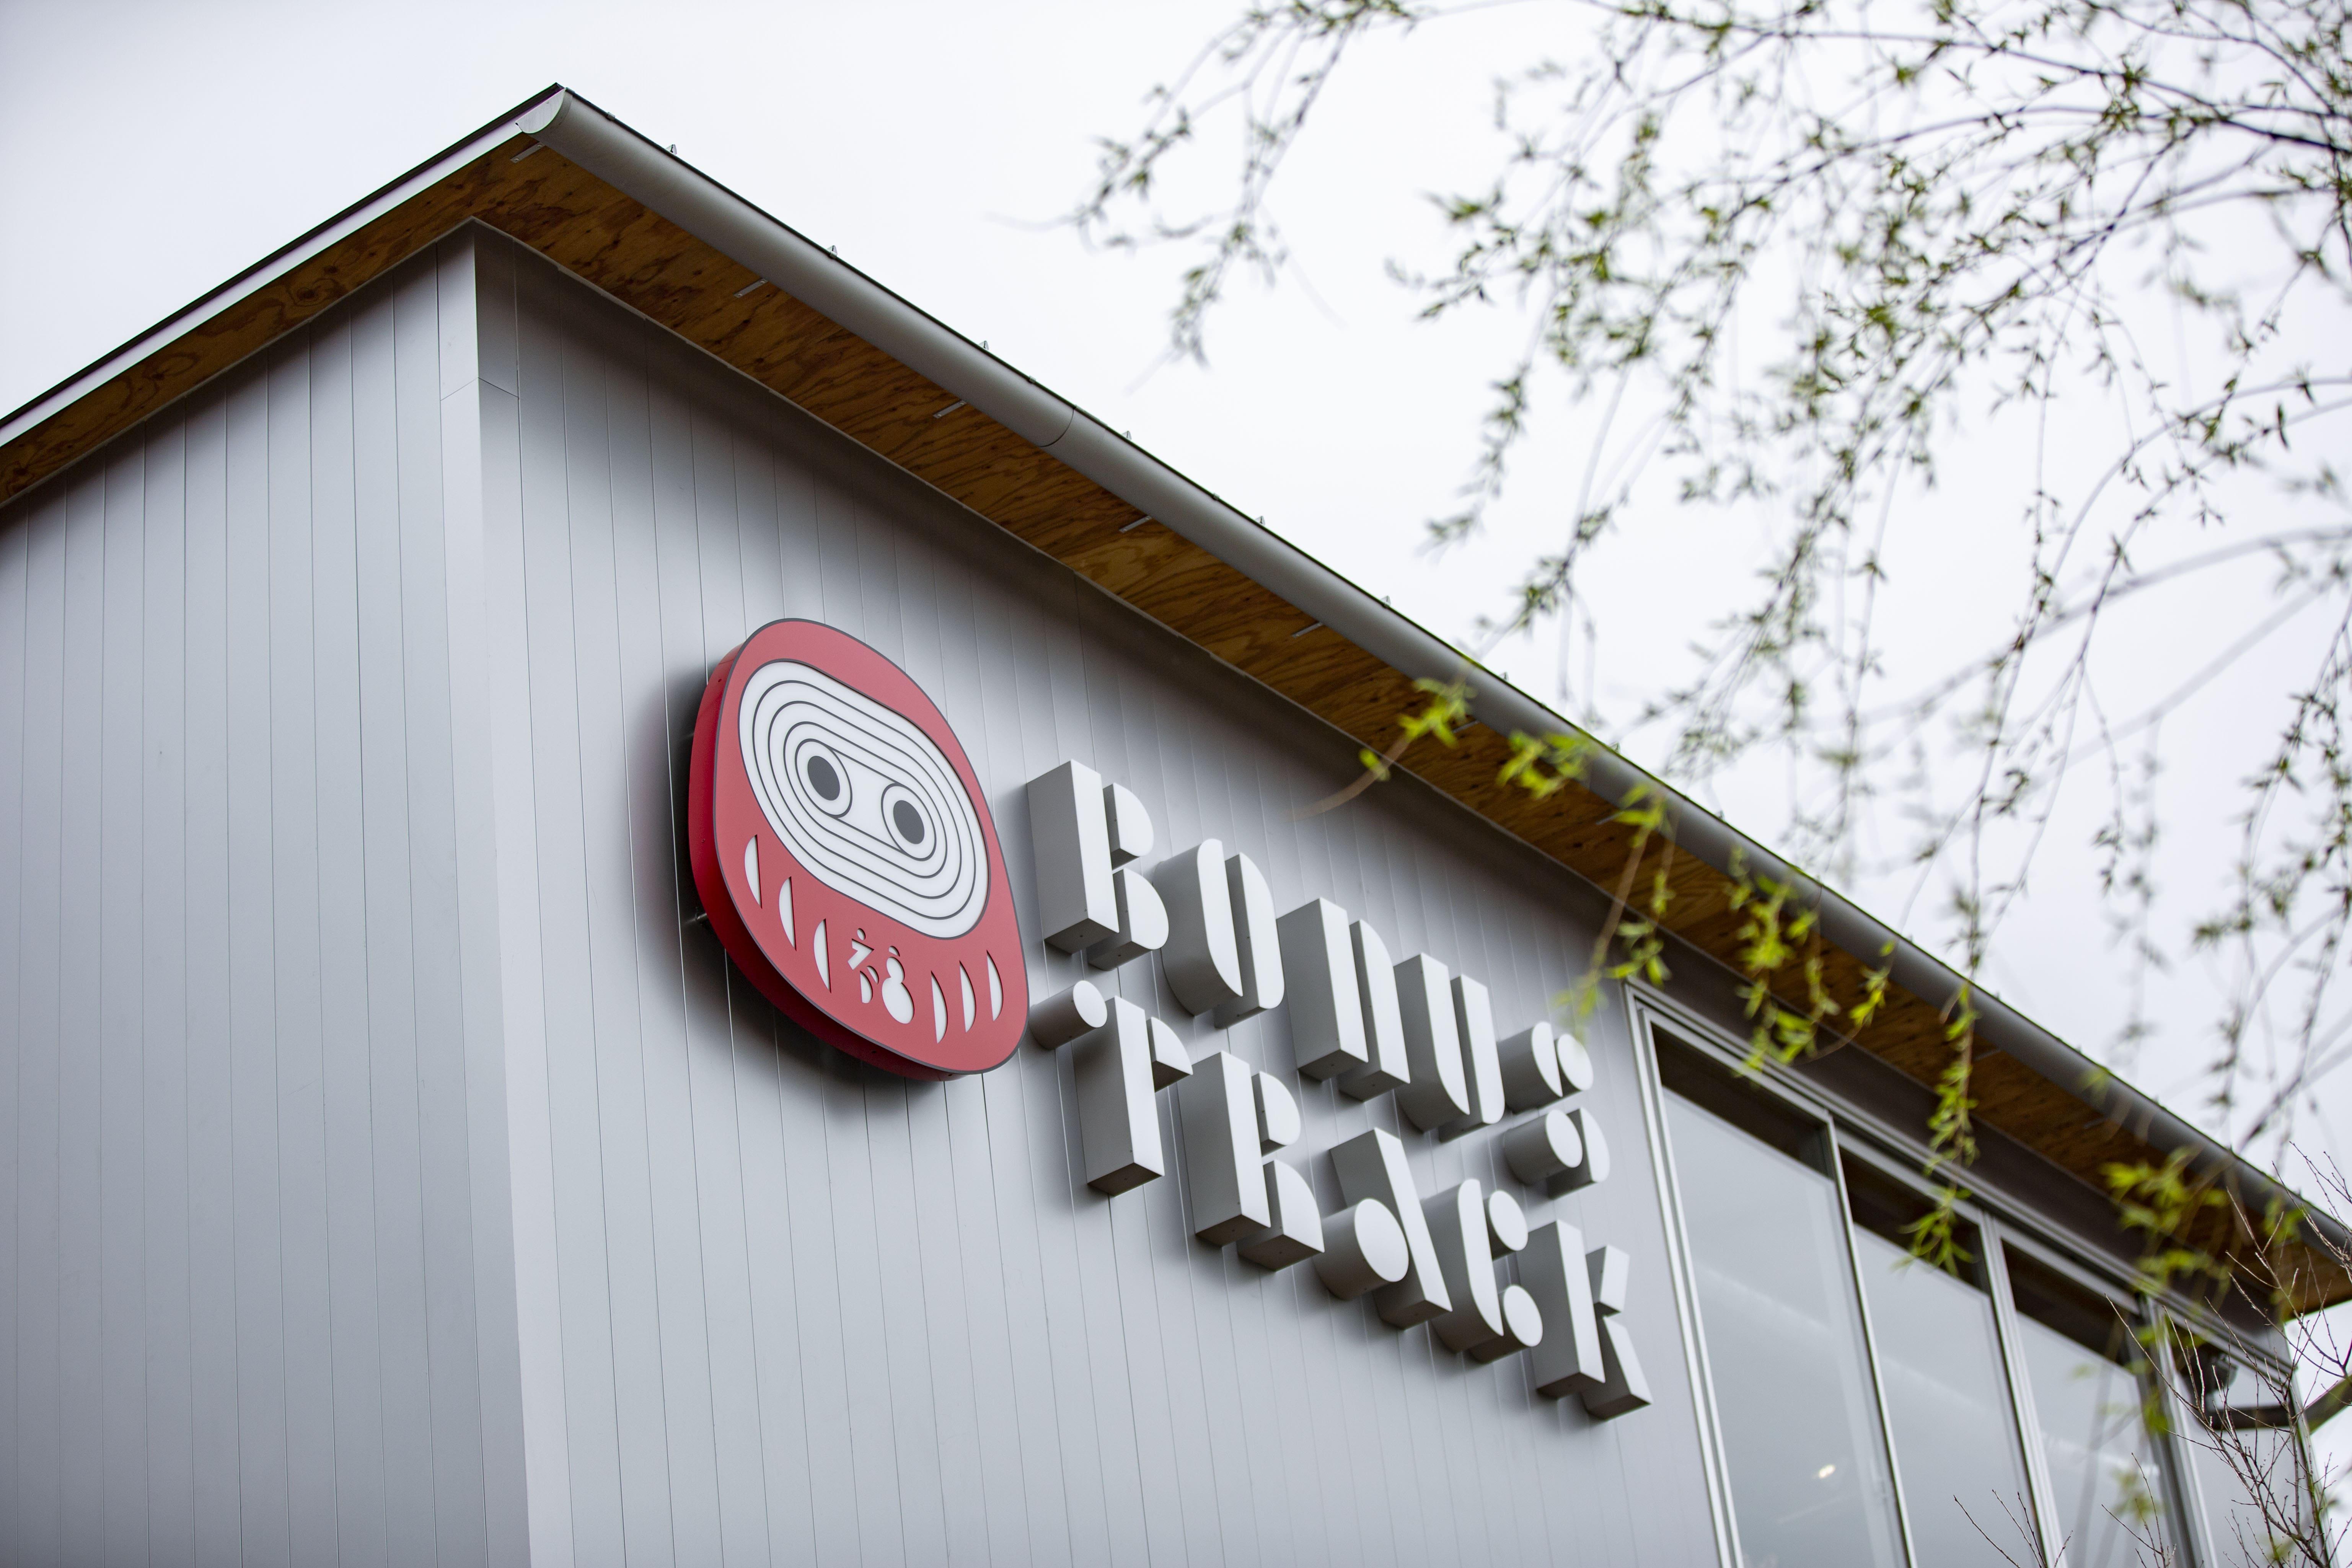 世界で最もクールな街に選出された下北沢の注目スポット『BONUS TRACK』